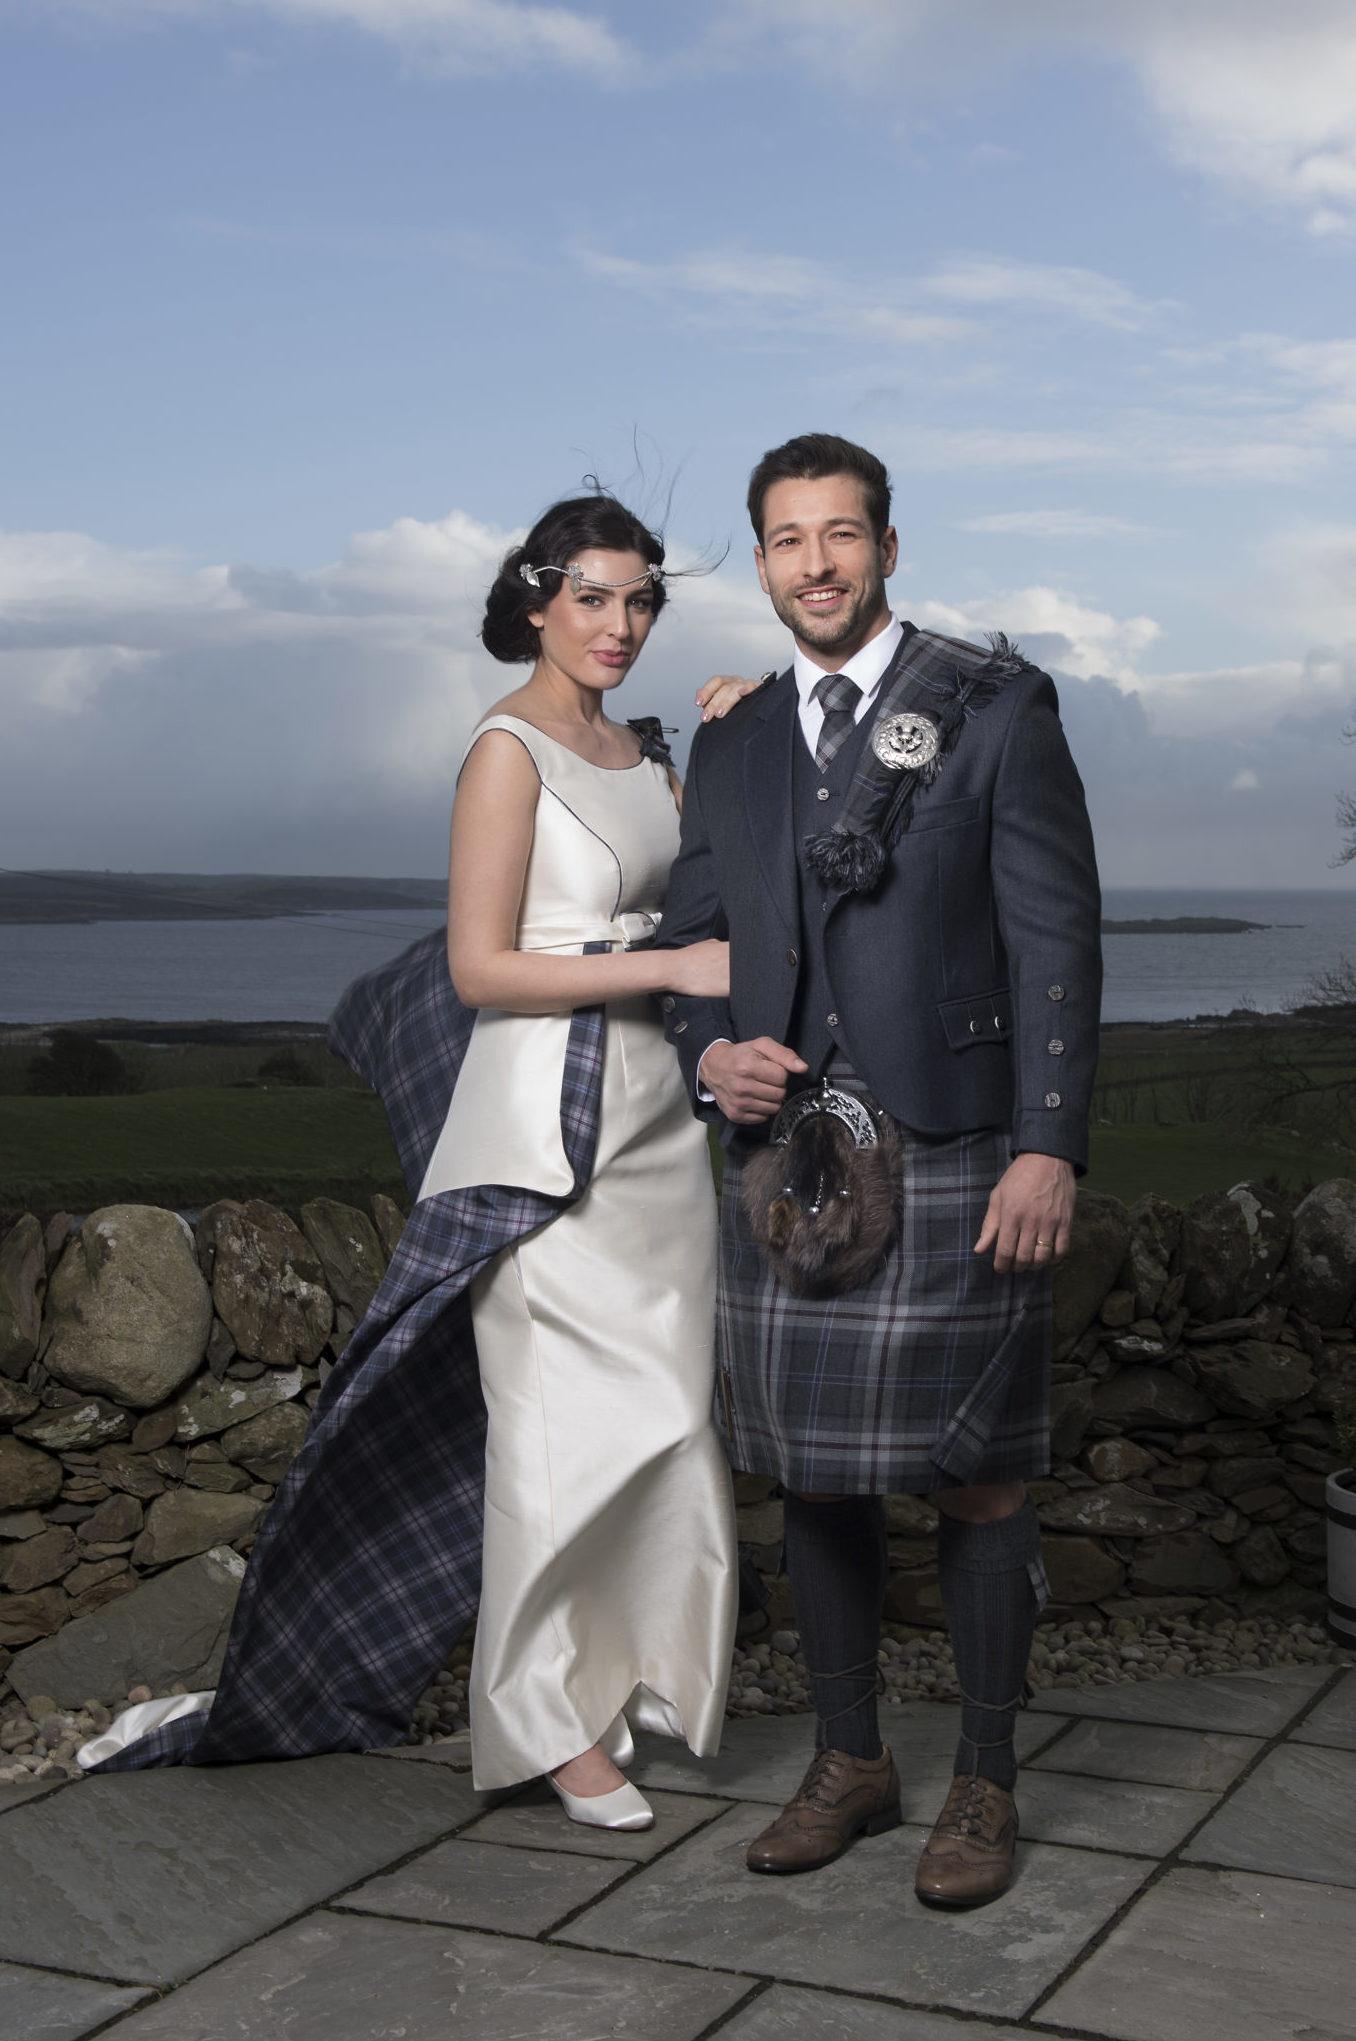 Tartan wedding dress matching kilt